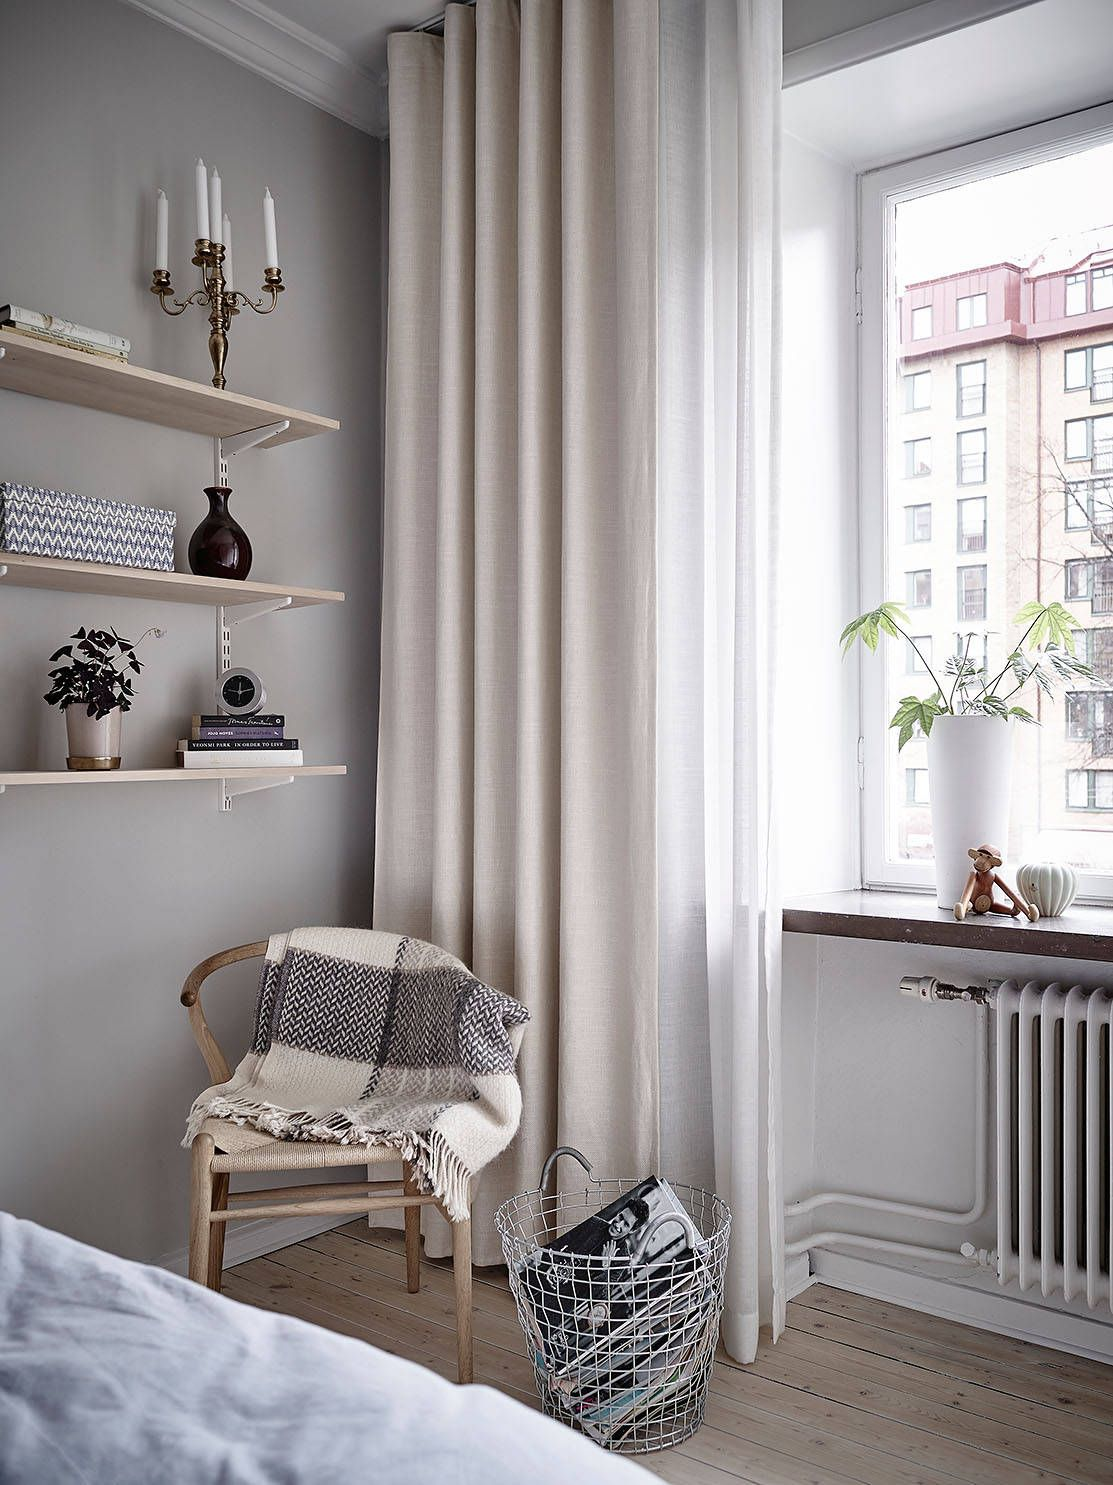 Linnégatan 61 Stadshem Wohnung einrichten, Luxus